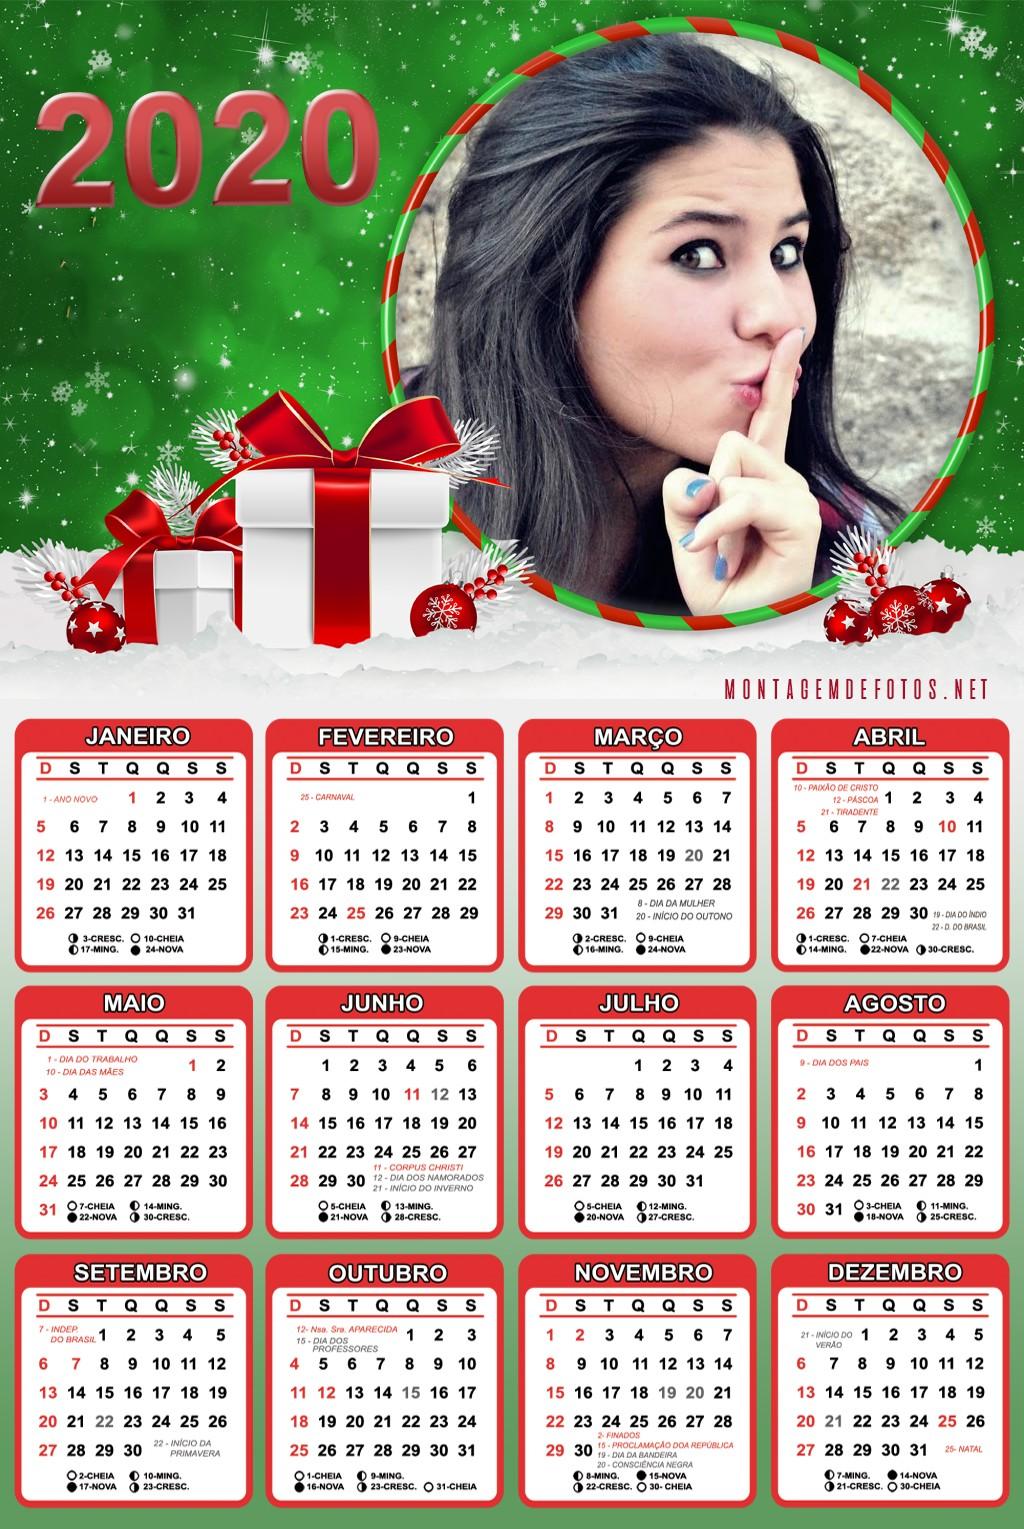 calendario-personalizado-2020-de-natal